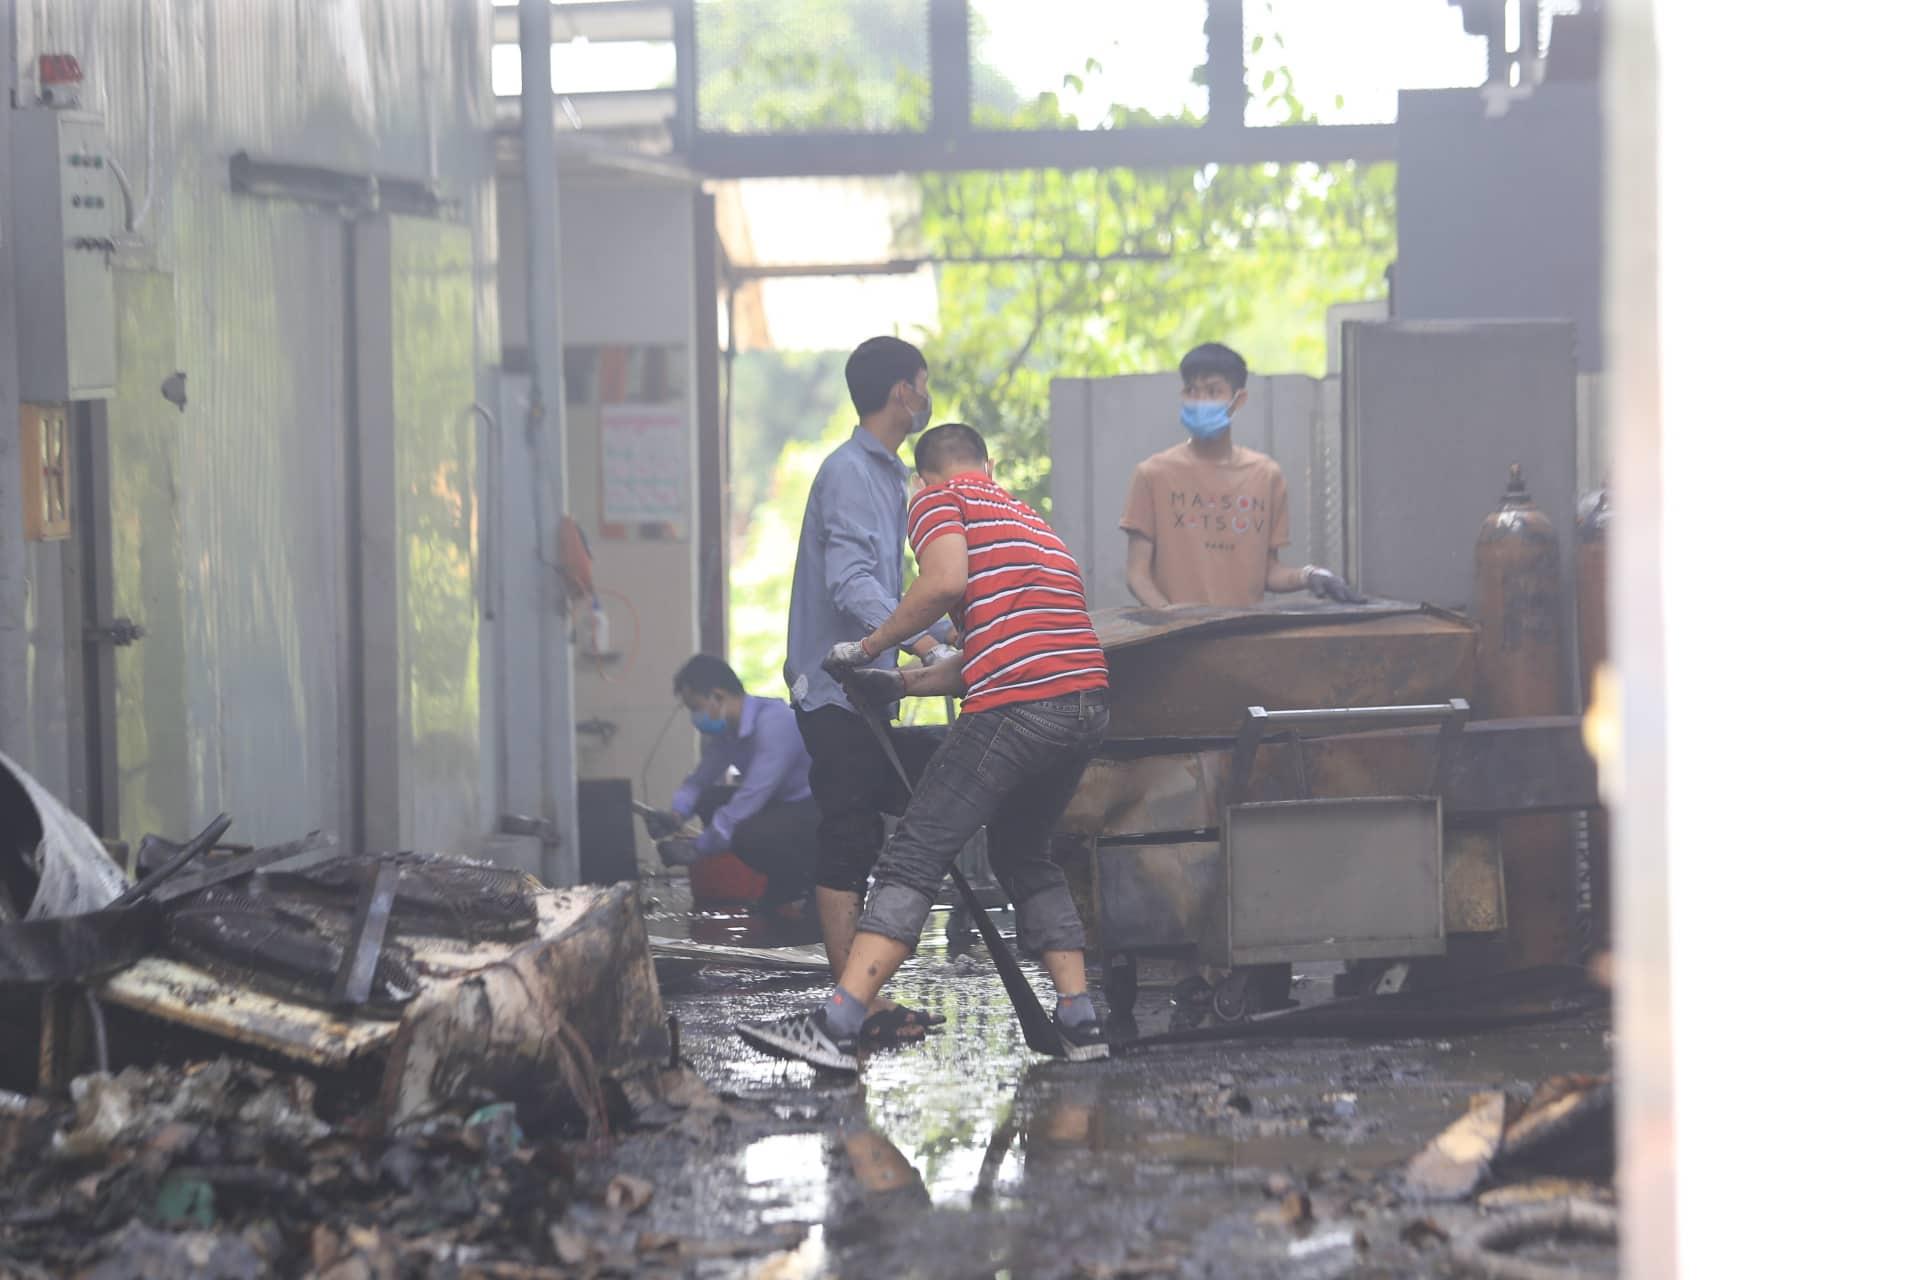 Chuyên gia mách bạn 9 nguyên tắc sống còn giúp thoát khỏi đám cháy nhanh chóng - Ảnh 1